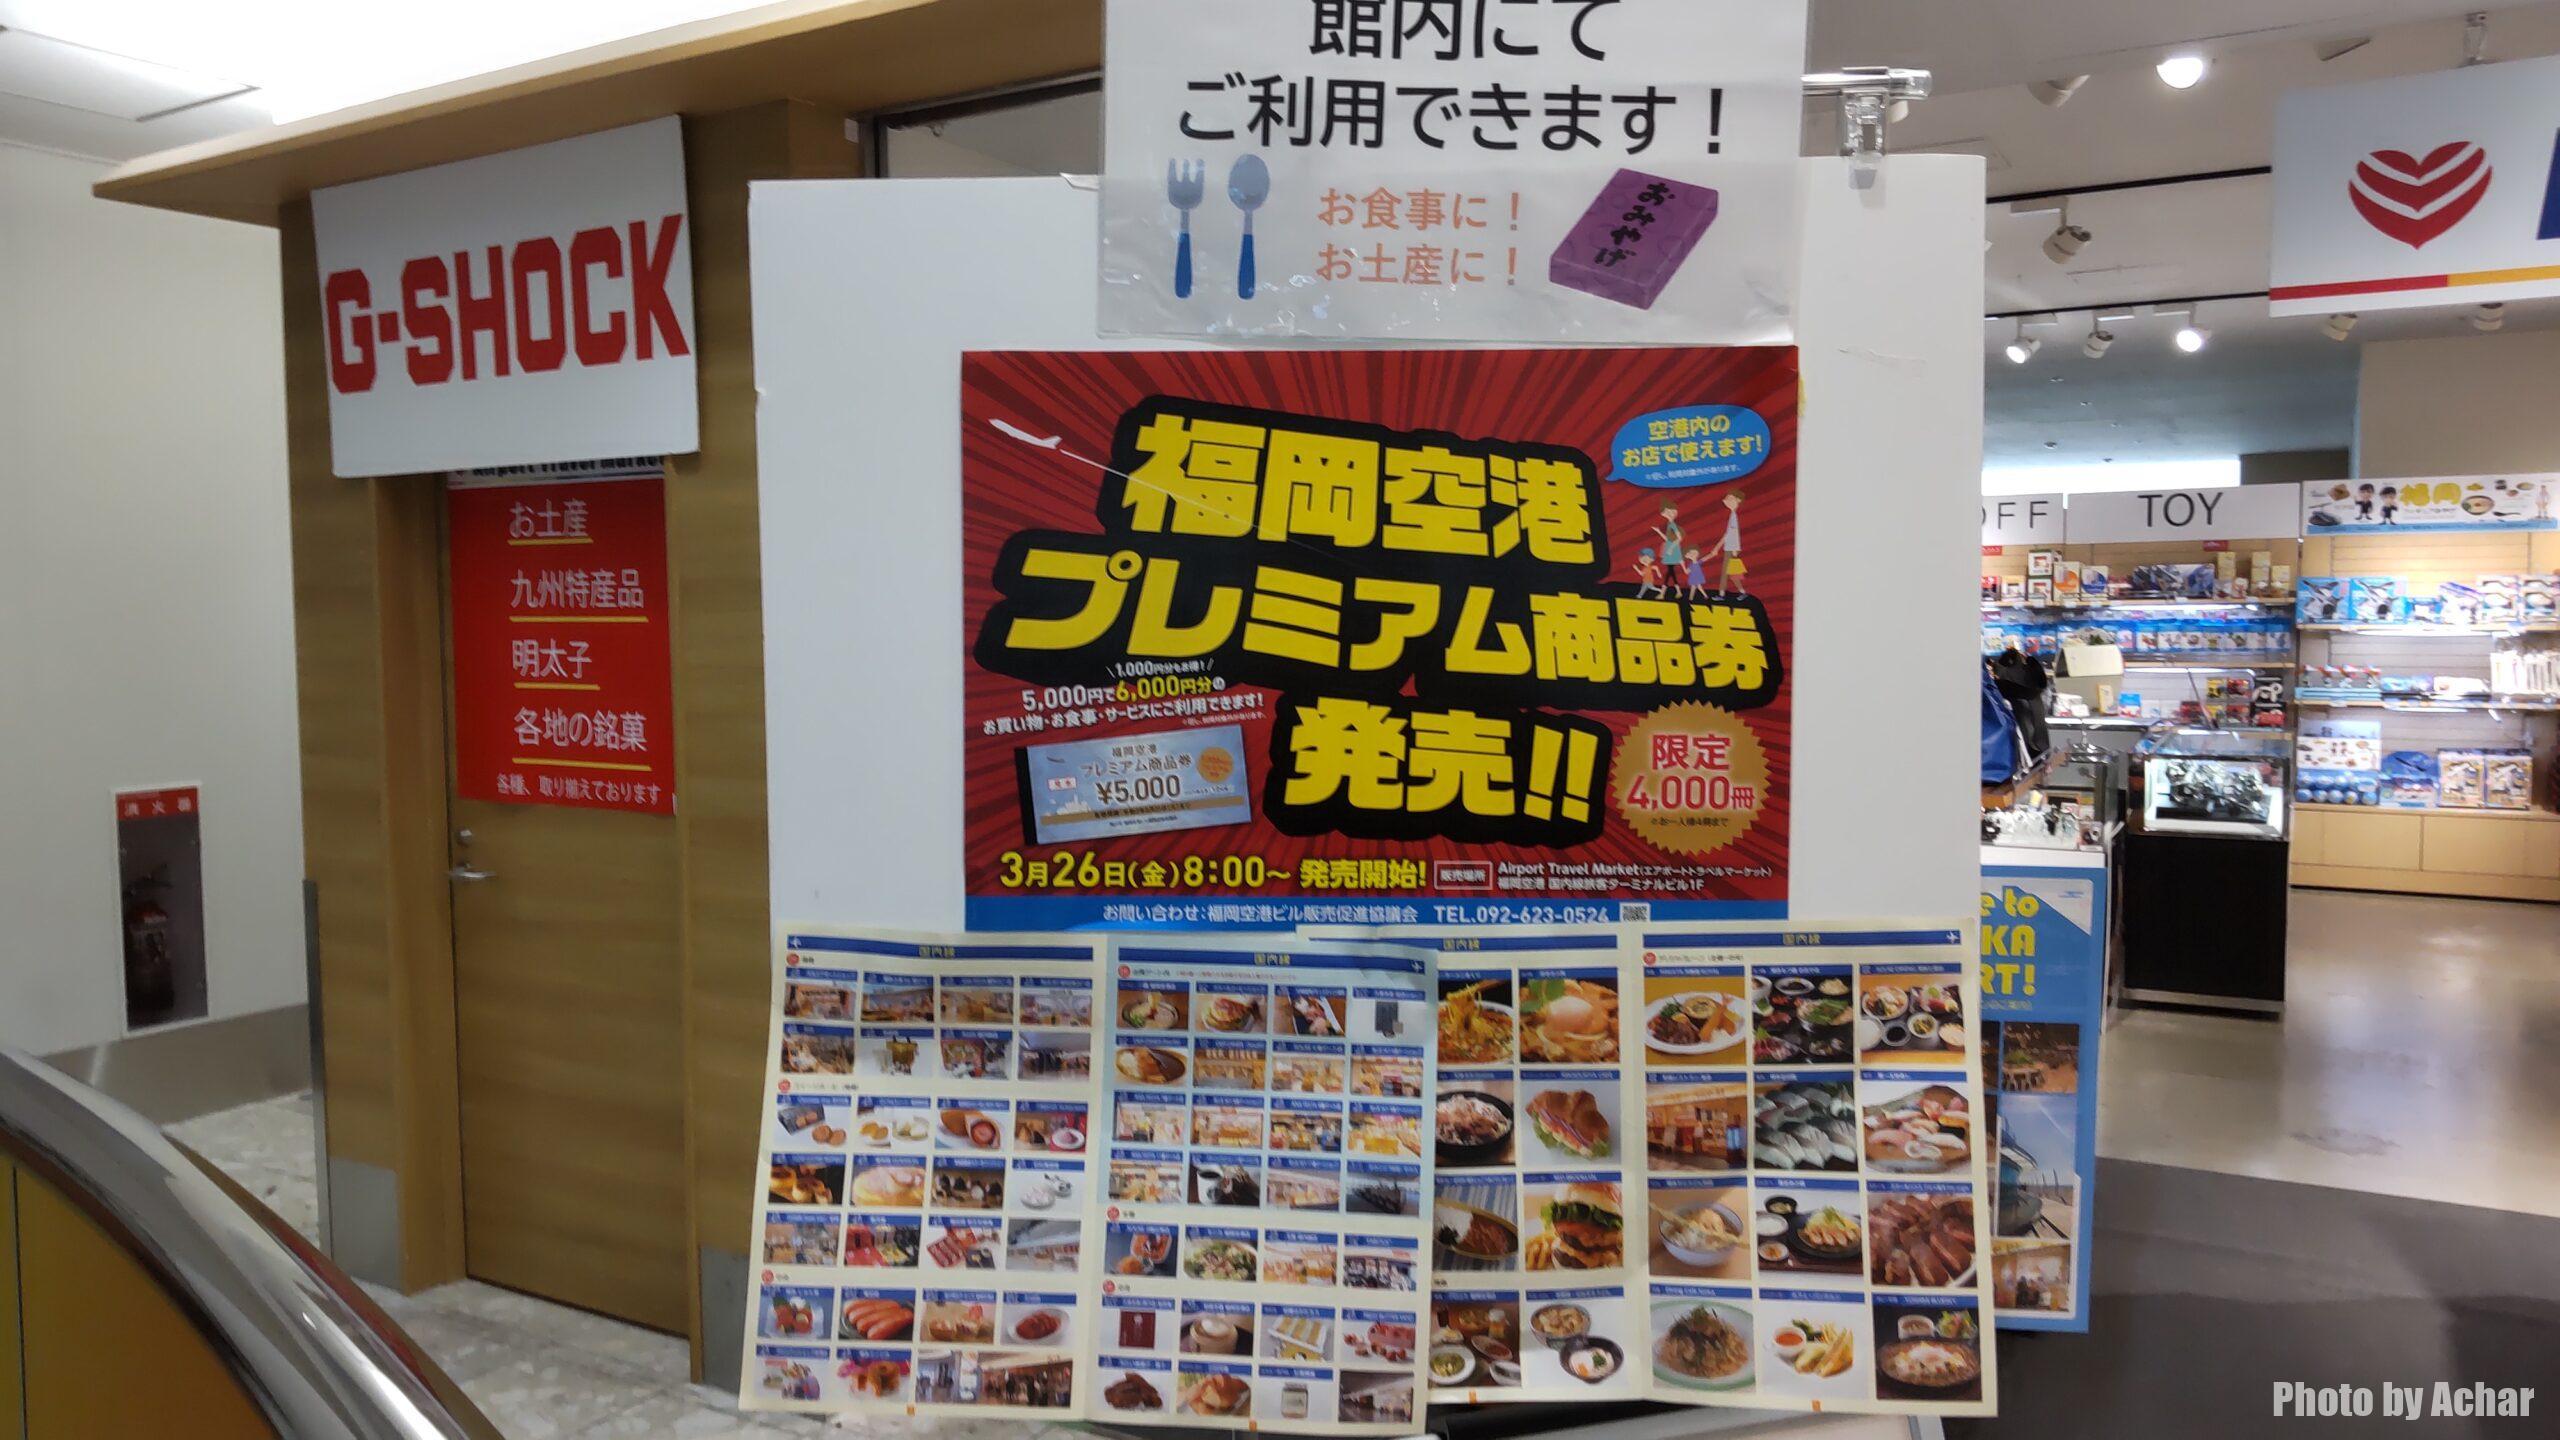 福岡空港プレミアム商品券